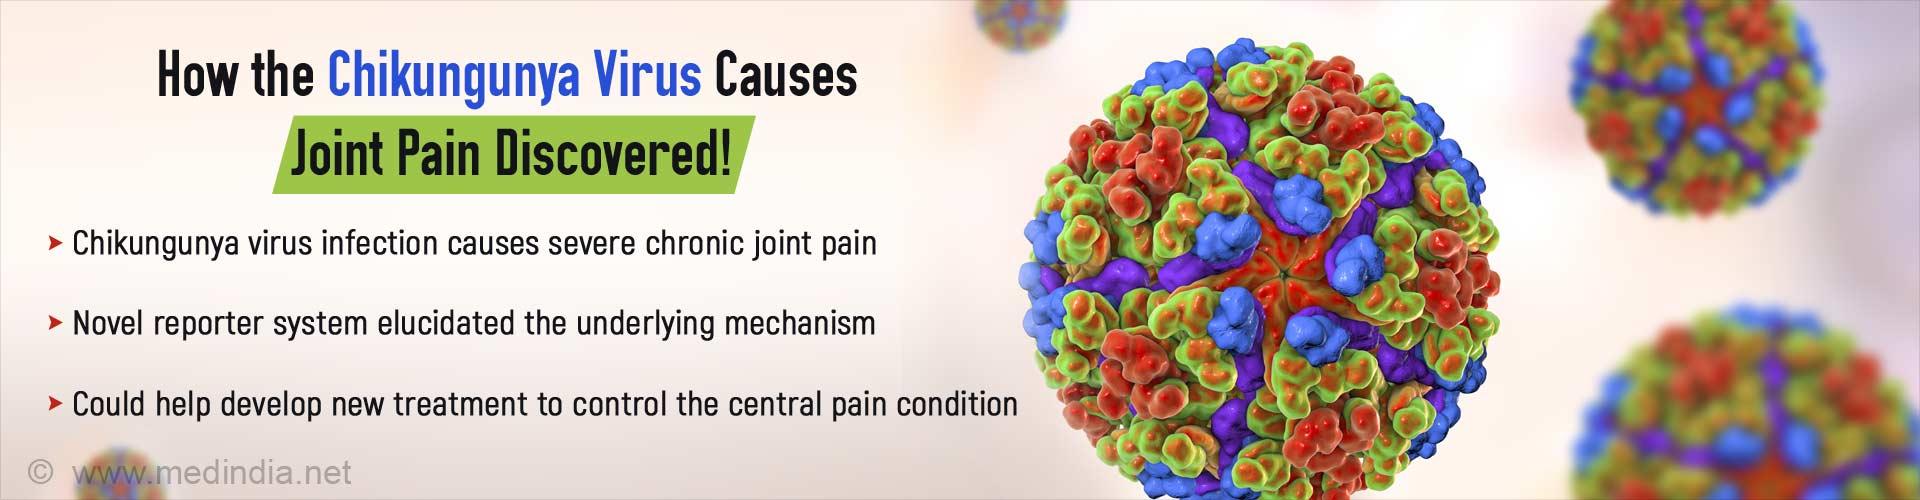 Chikungunya Virus Causes Chronic Joint Pain: Here's How